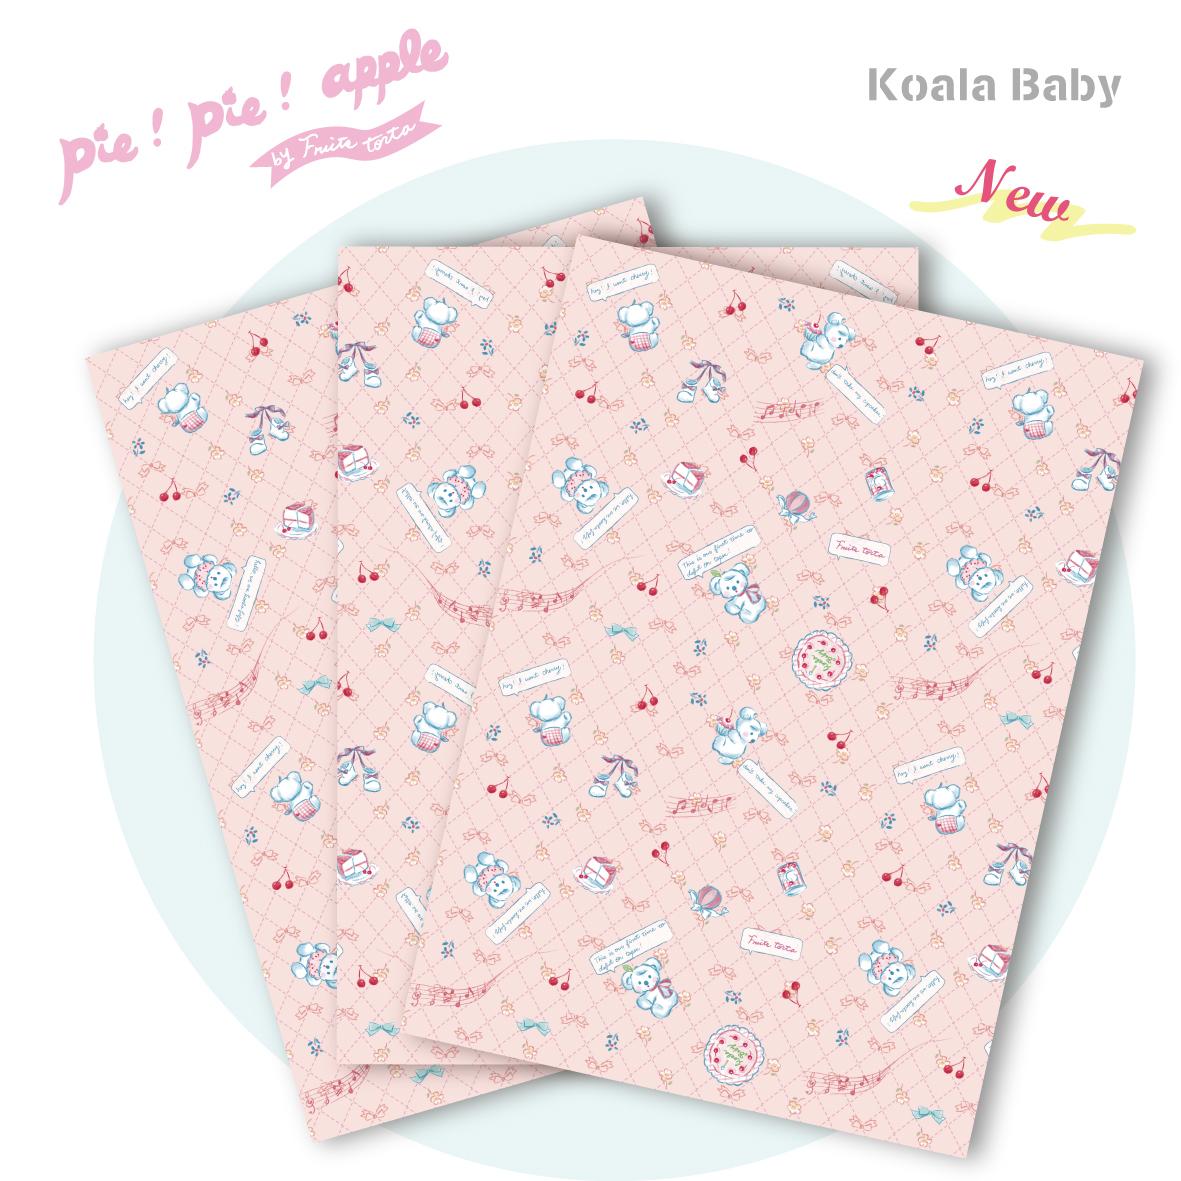 Koala Baby A4ペーパー